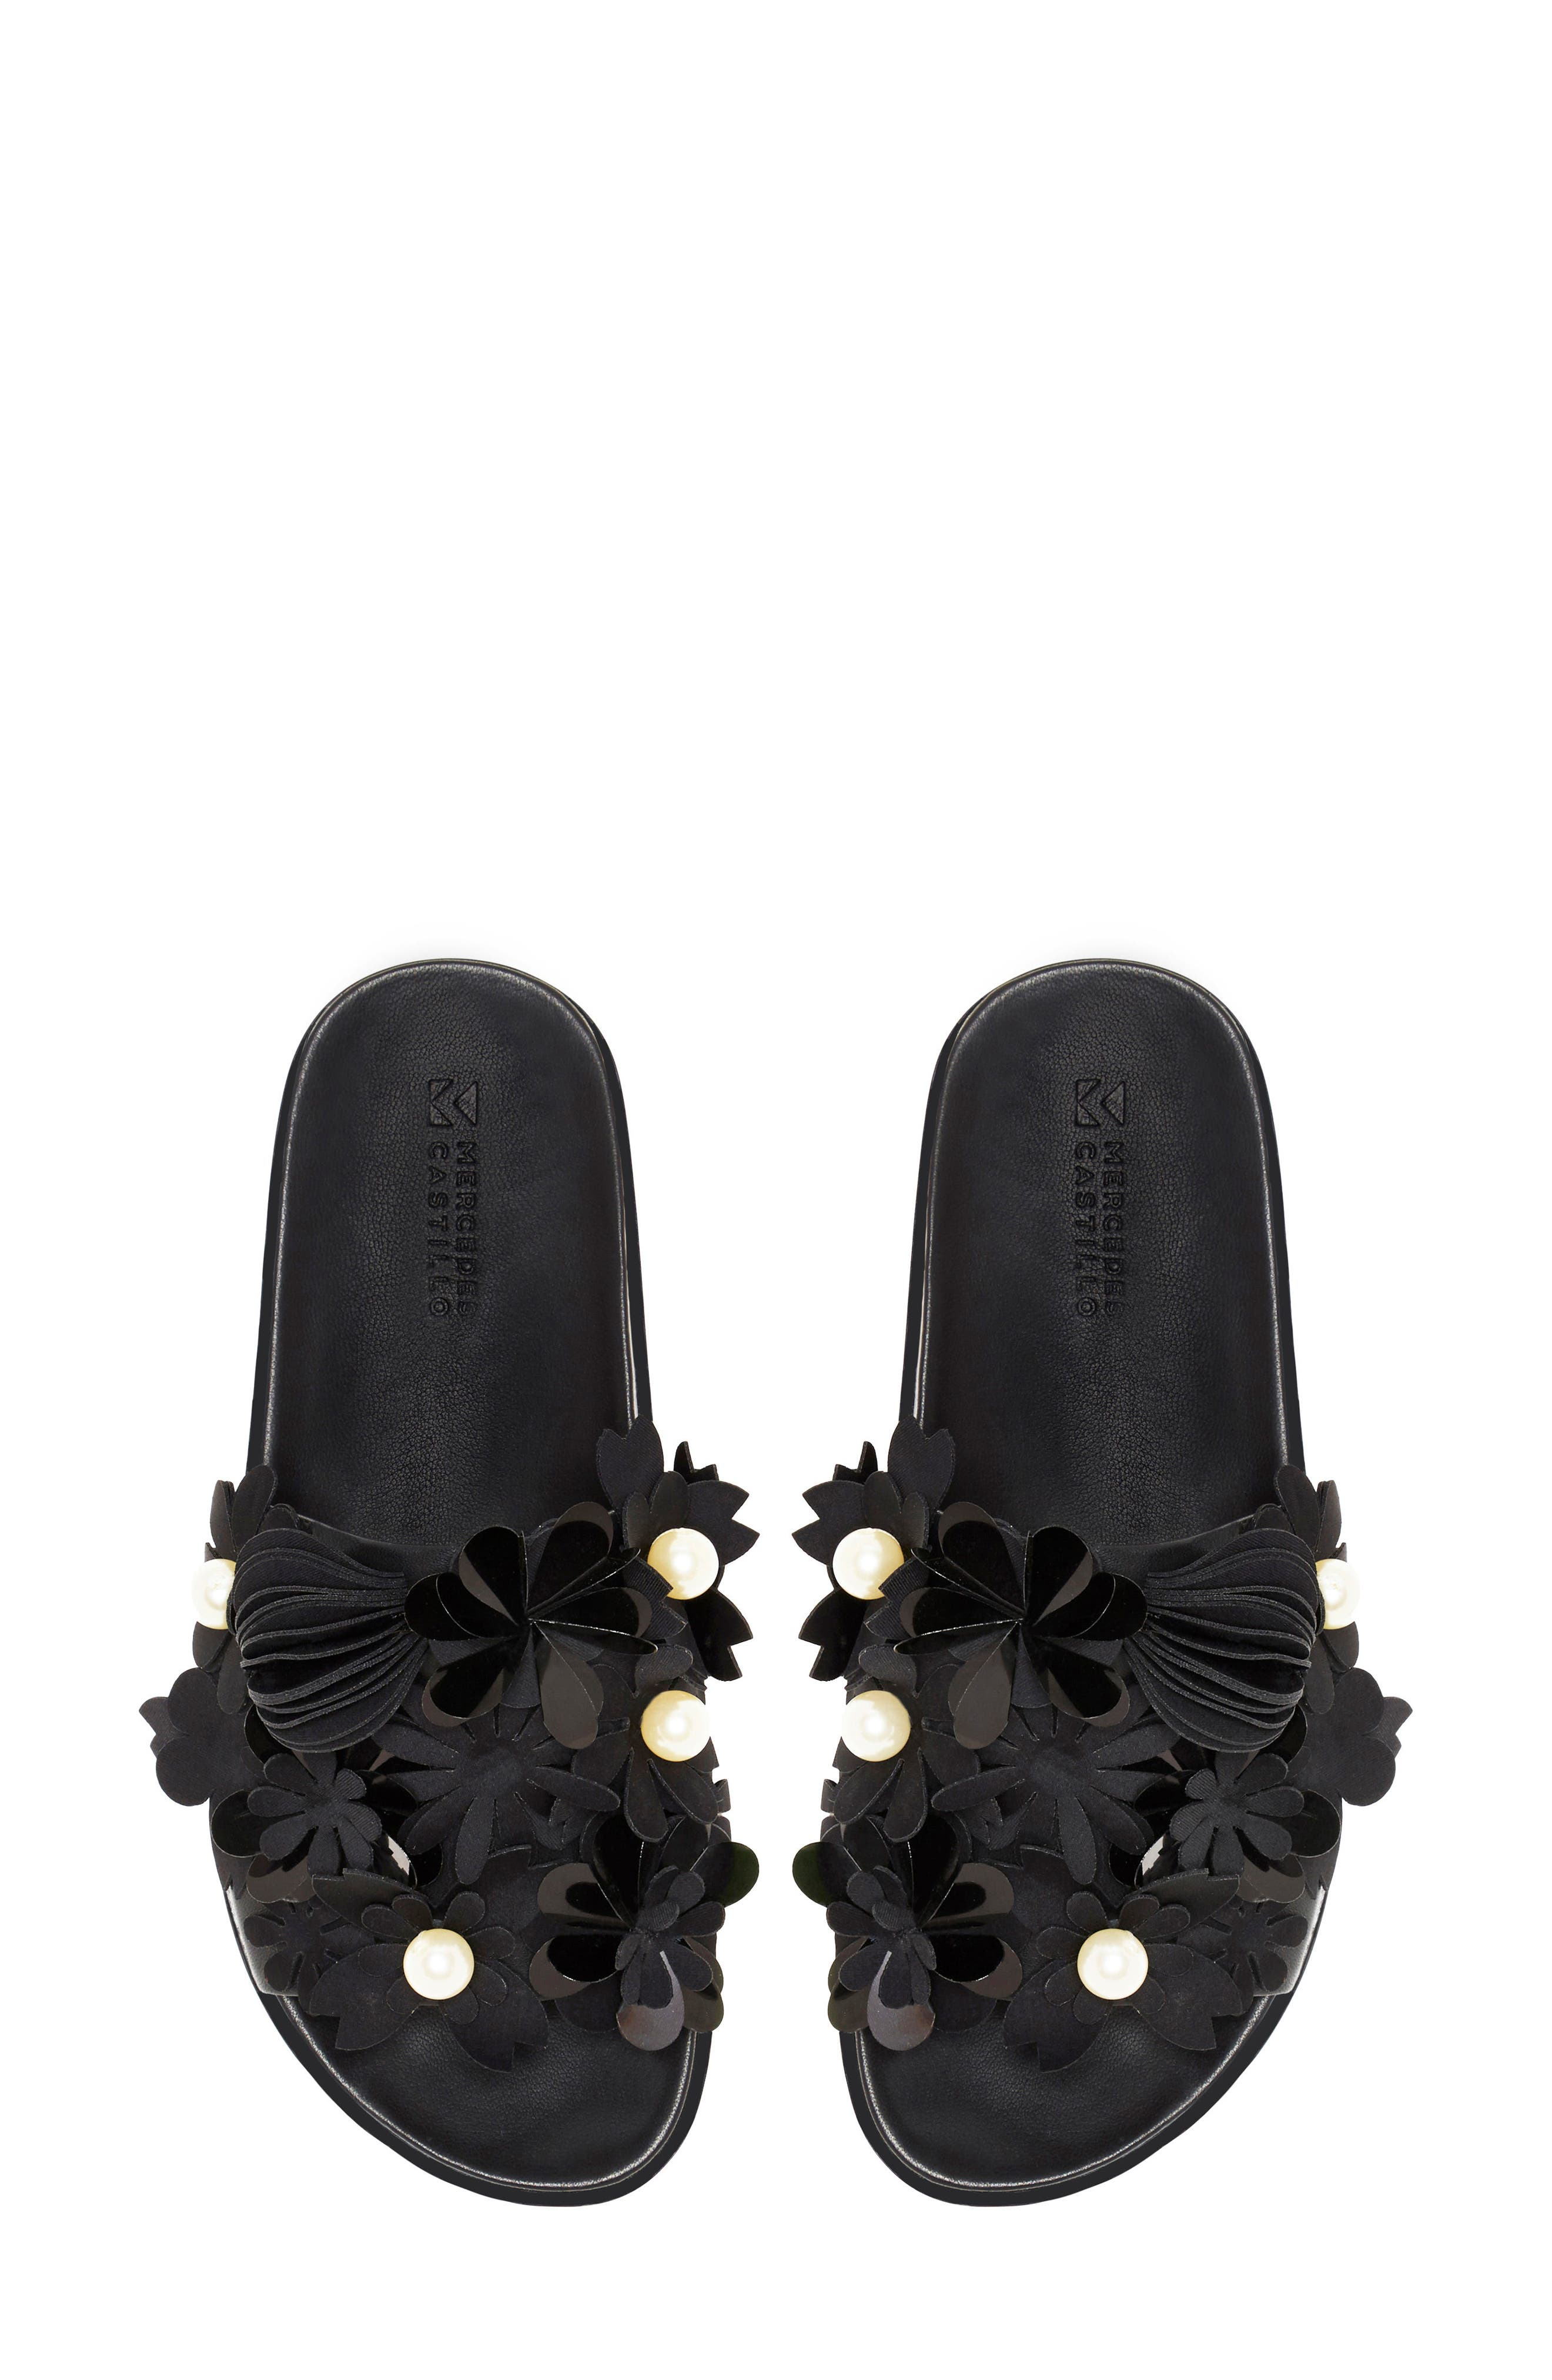 Alyse Flowered Slide Sandal,                             Alternate thumbnail 7, color,                             Black